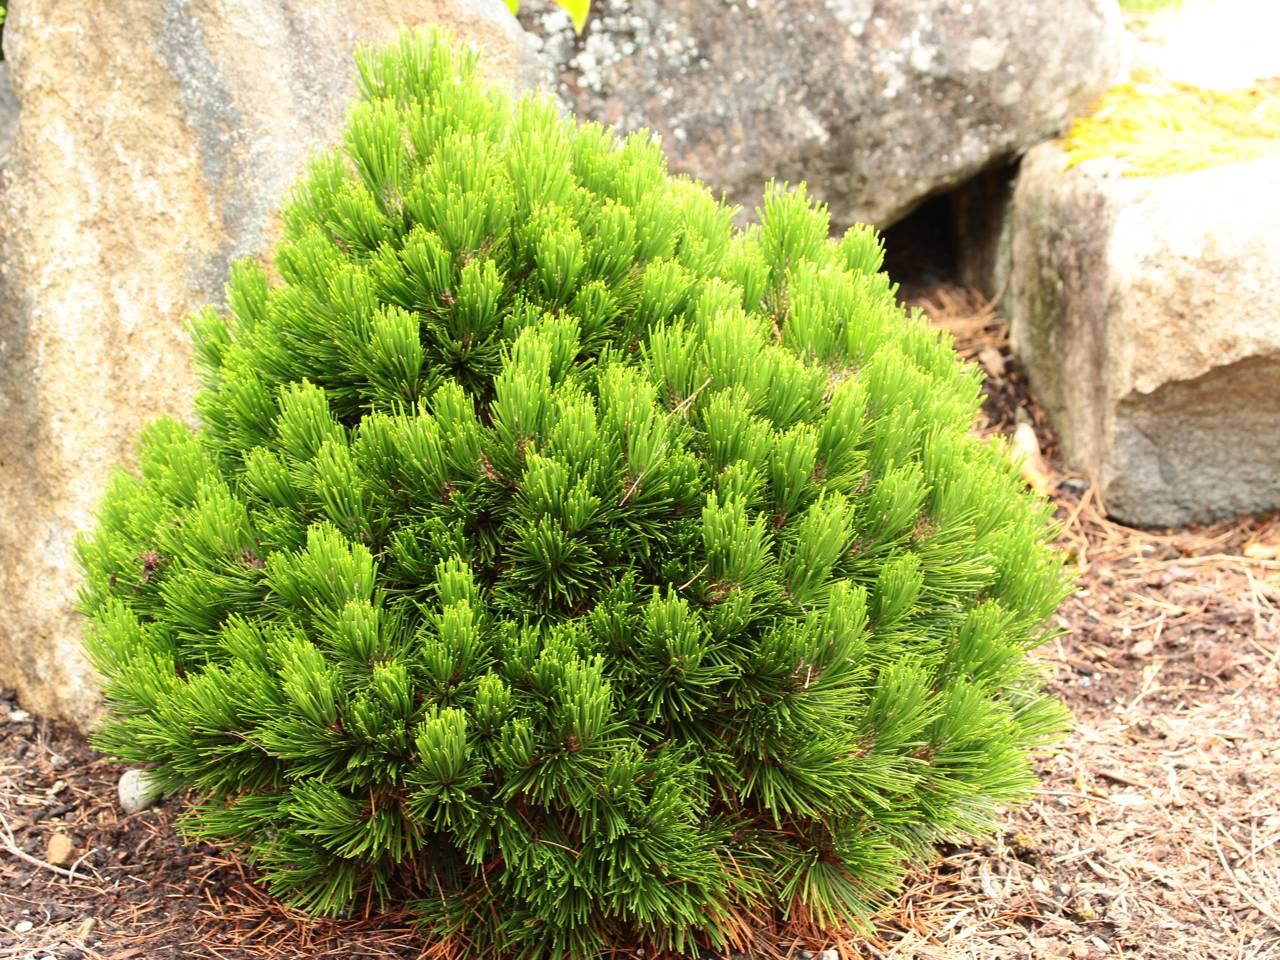 Pinus heldreichii (leucodermis) Smidtii evergreen conifer green